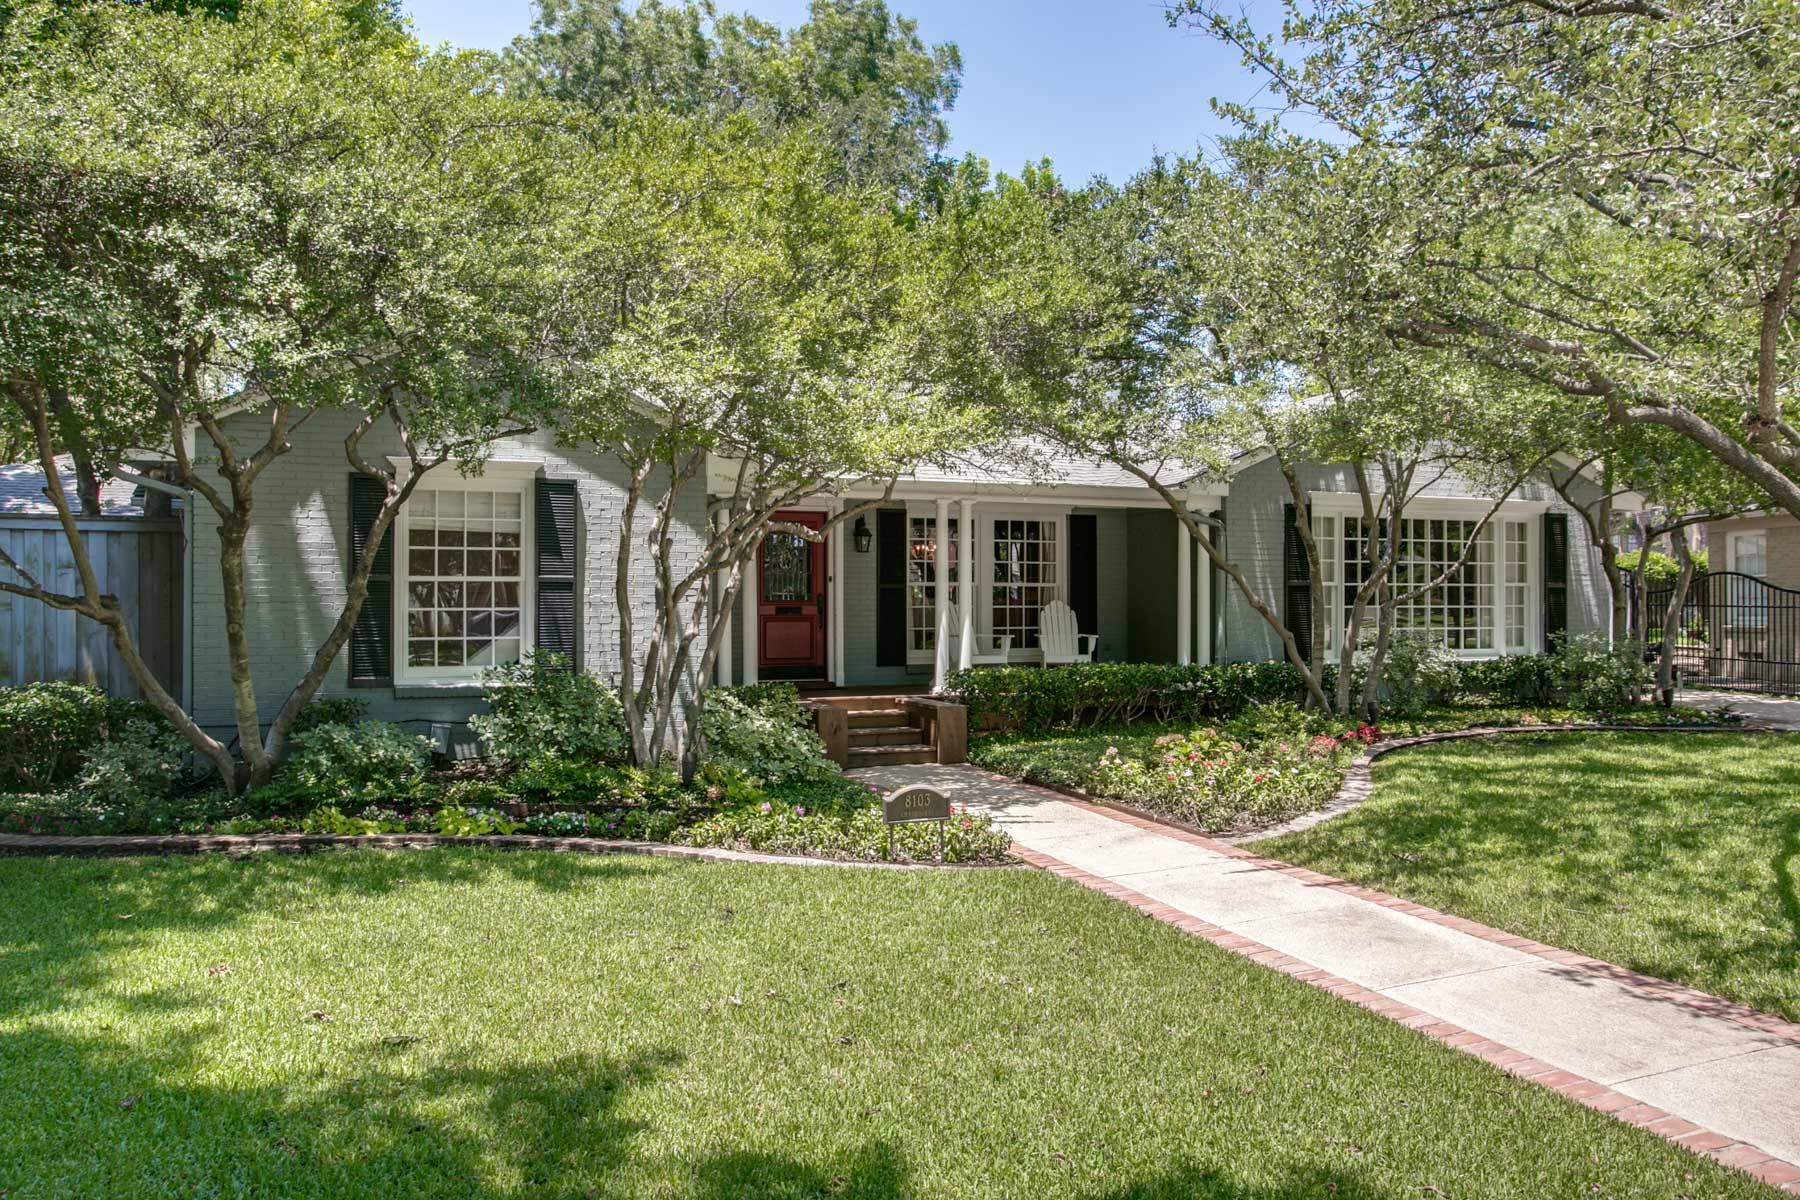 Villa per Vendita alle ore 8103 Chadbourne Rd, Dallas Dallas, Texas, 75209 Stati Uniti